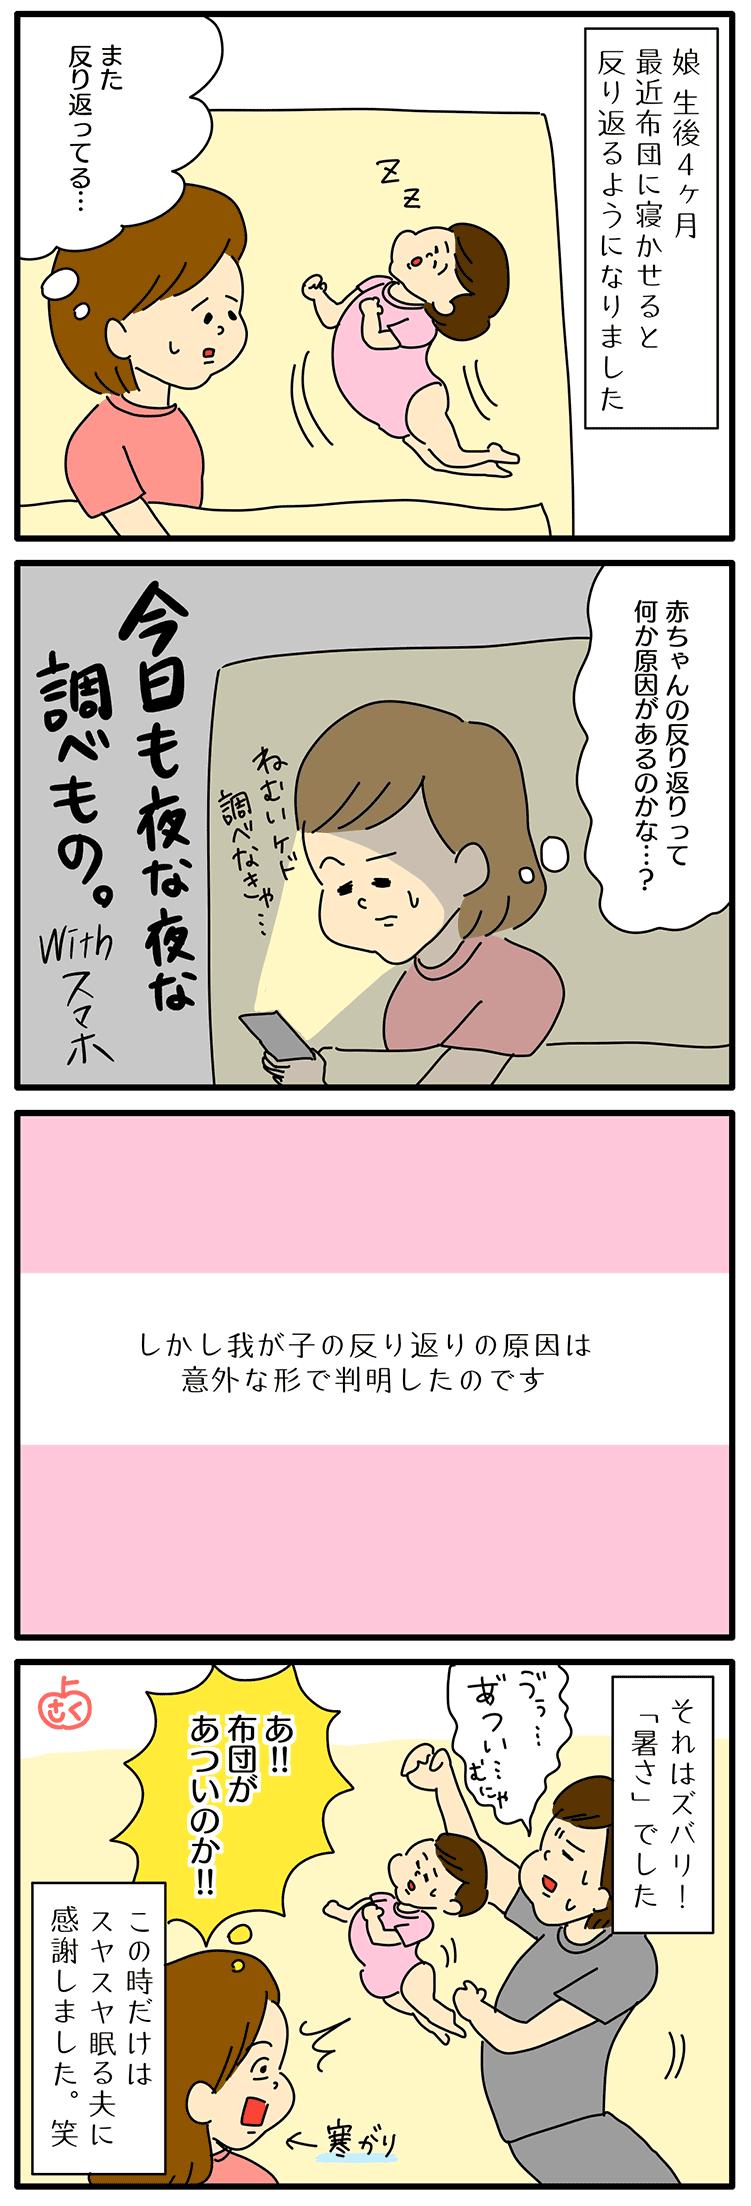 赤ちゃんの反り返りの永岡さくら(saku)さんの子育て4コマ漫画